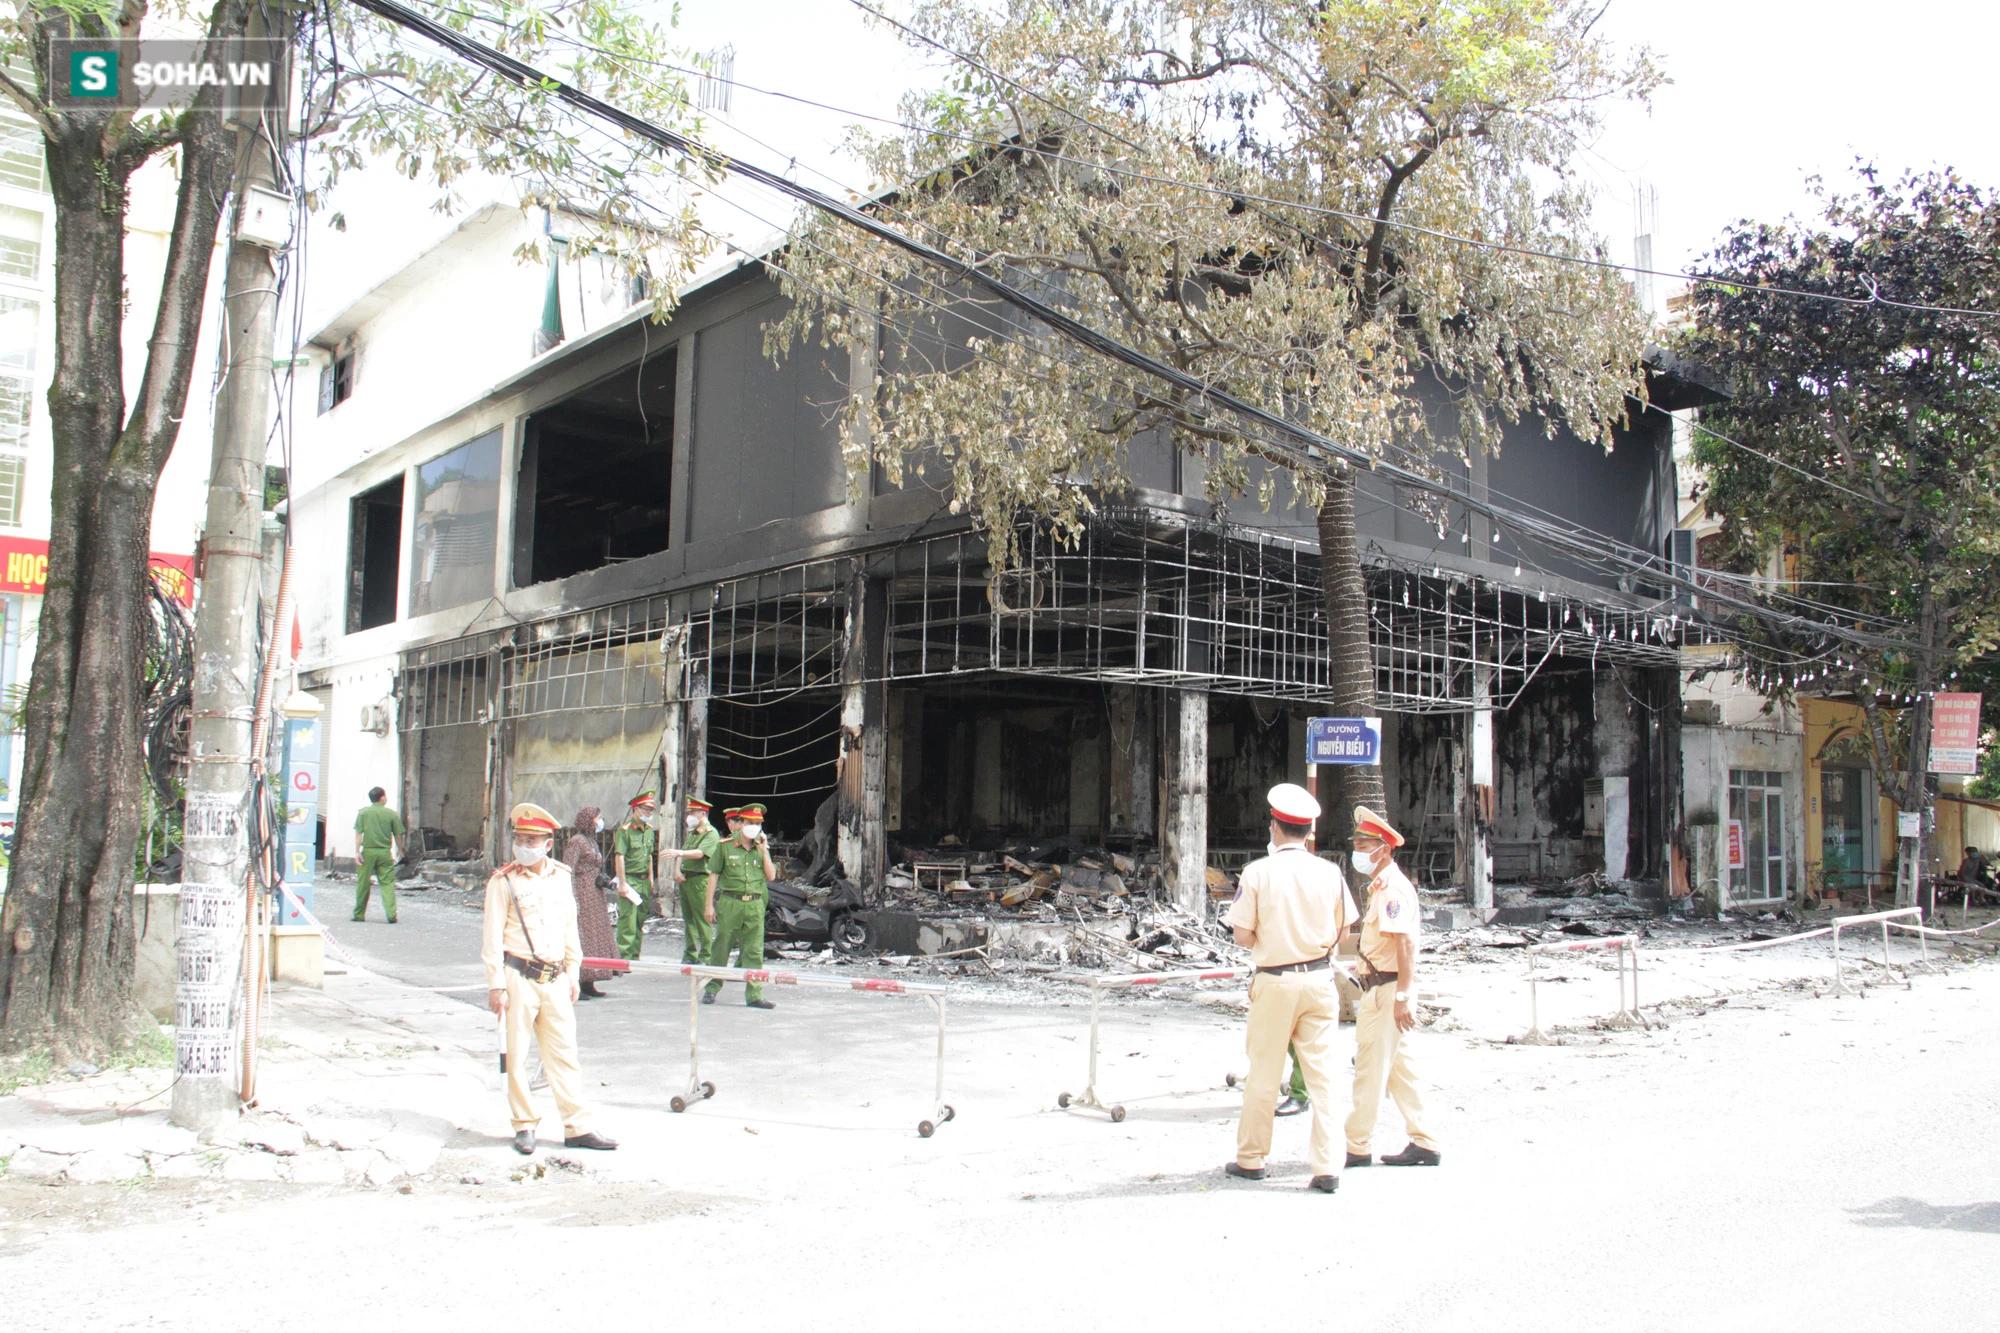 Cận cảnh hiện trường bên trong phòng trà bị cháy khiến 6 người tử vong ở Nghệ An - Ảnh 7.